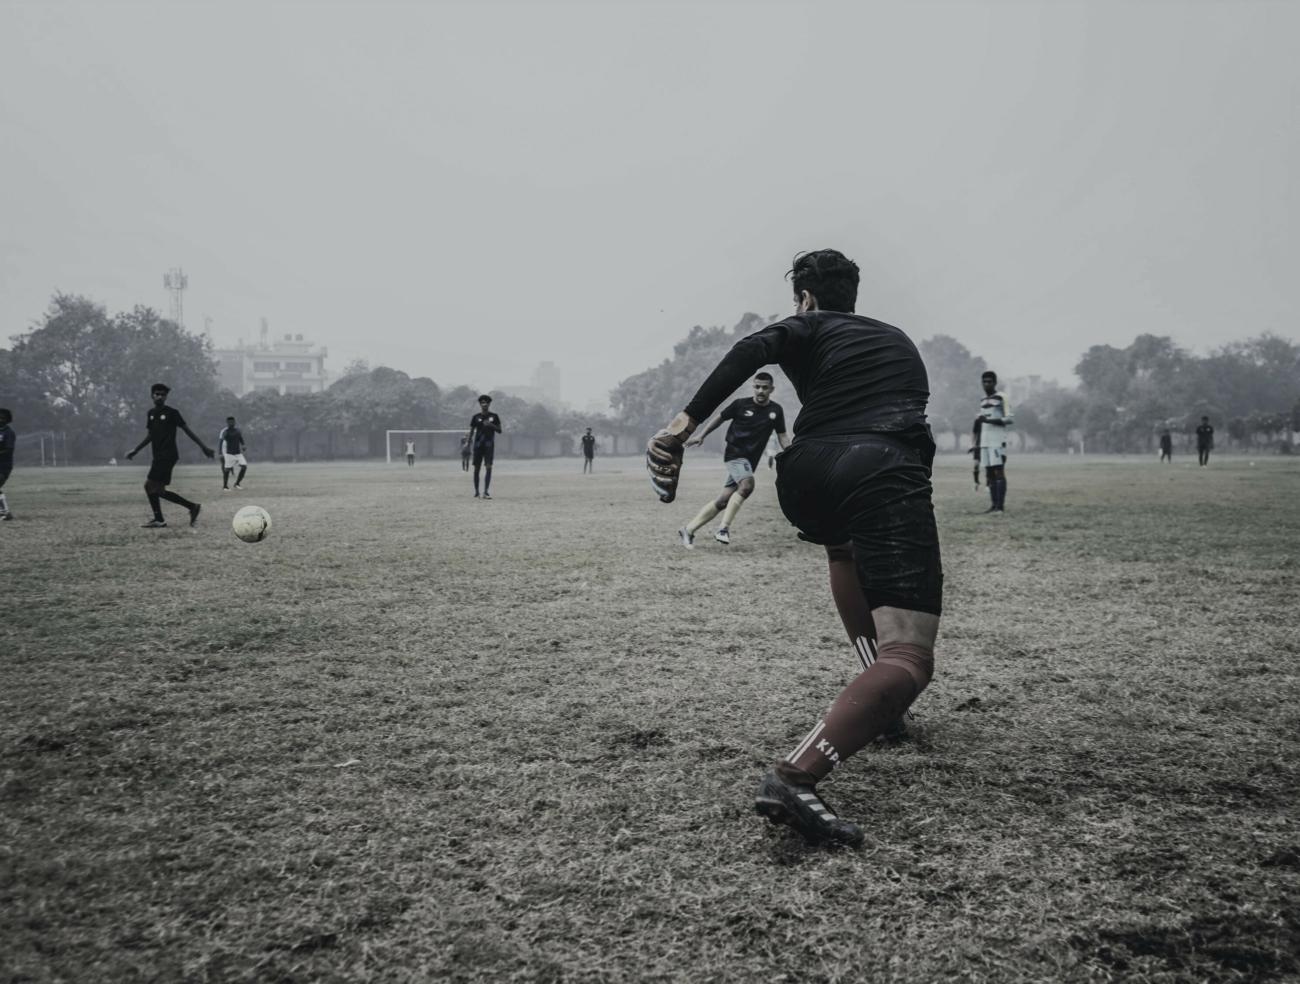 Een voetbalcoach kan een natuurlijke leider zijn